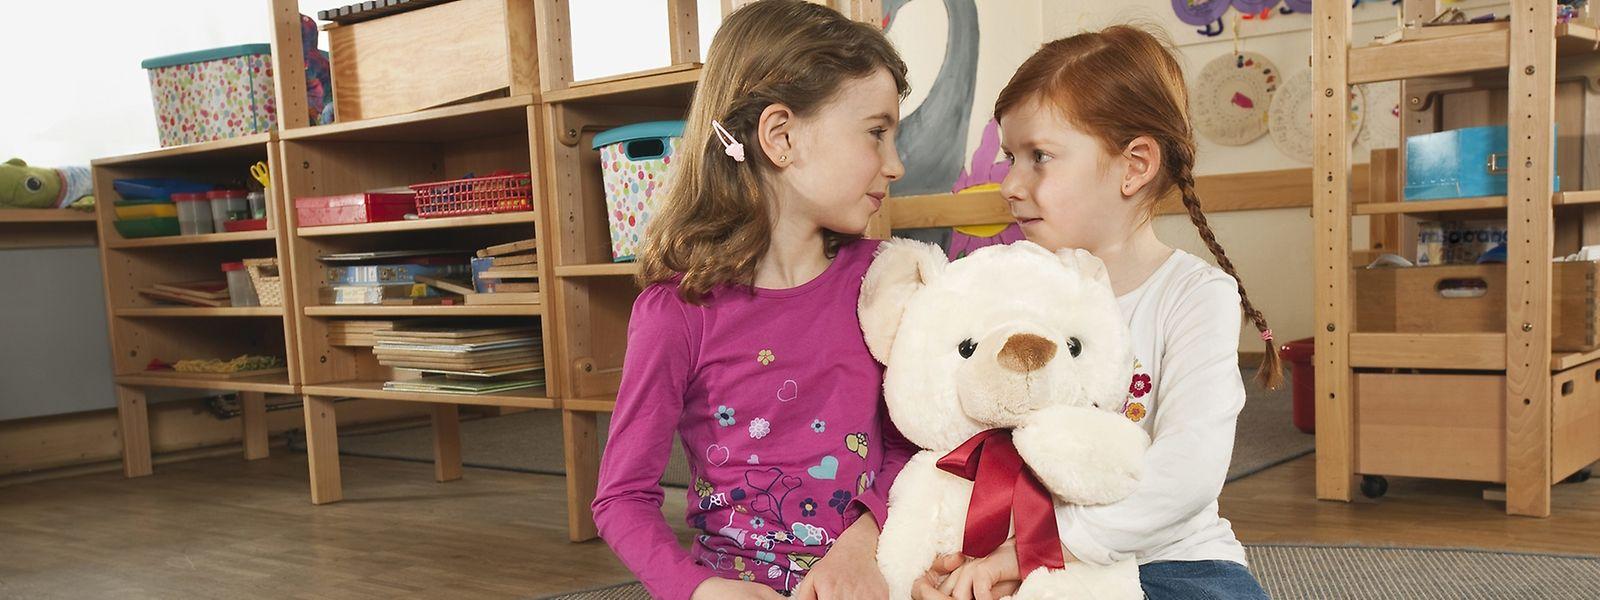 Verschenkt ein Kind seinen Lieblings-Teddy, sollten Eltern der Sache auf den Grund gehen. Hat es ihn freiwillig hergegeben? Oder wurde es subtil erpresst?